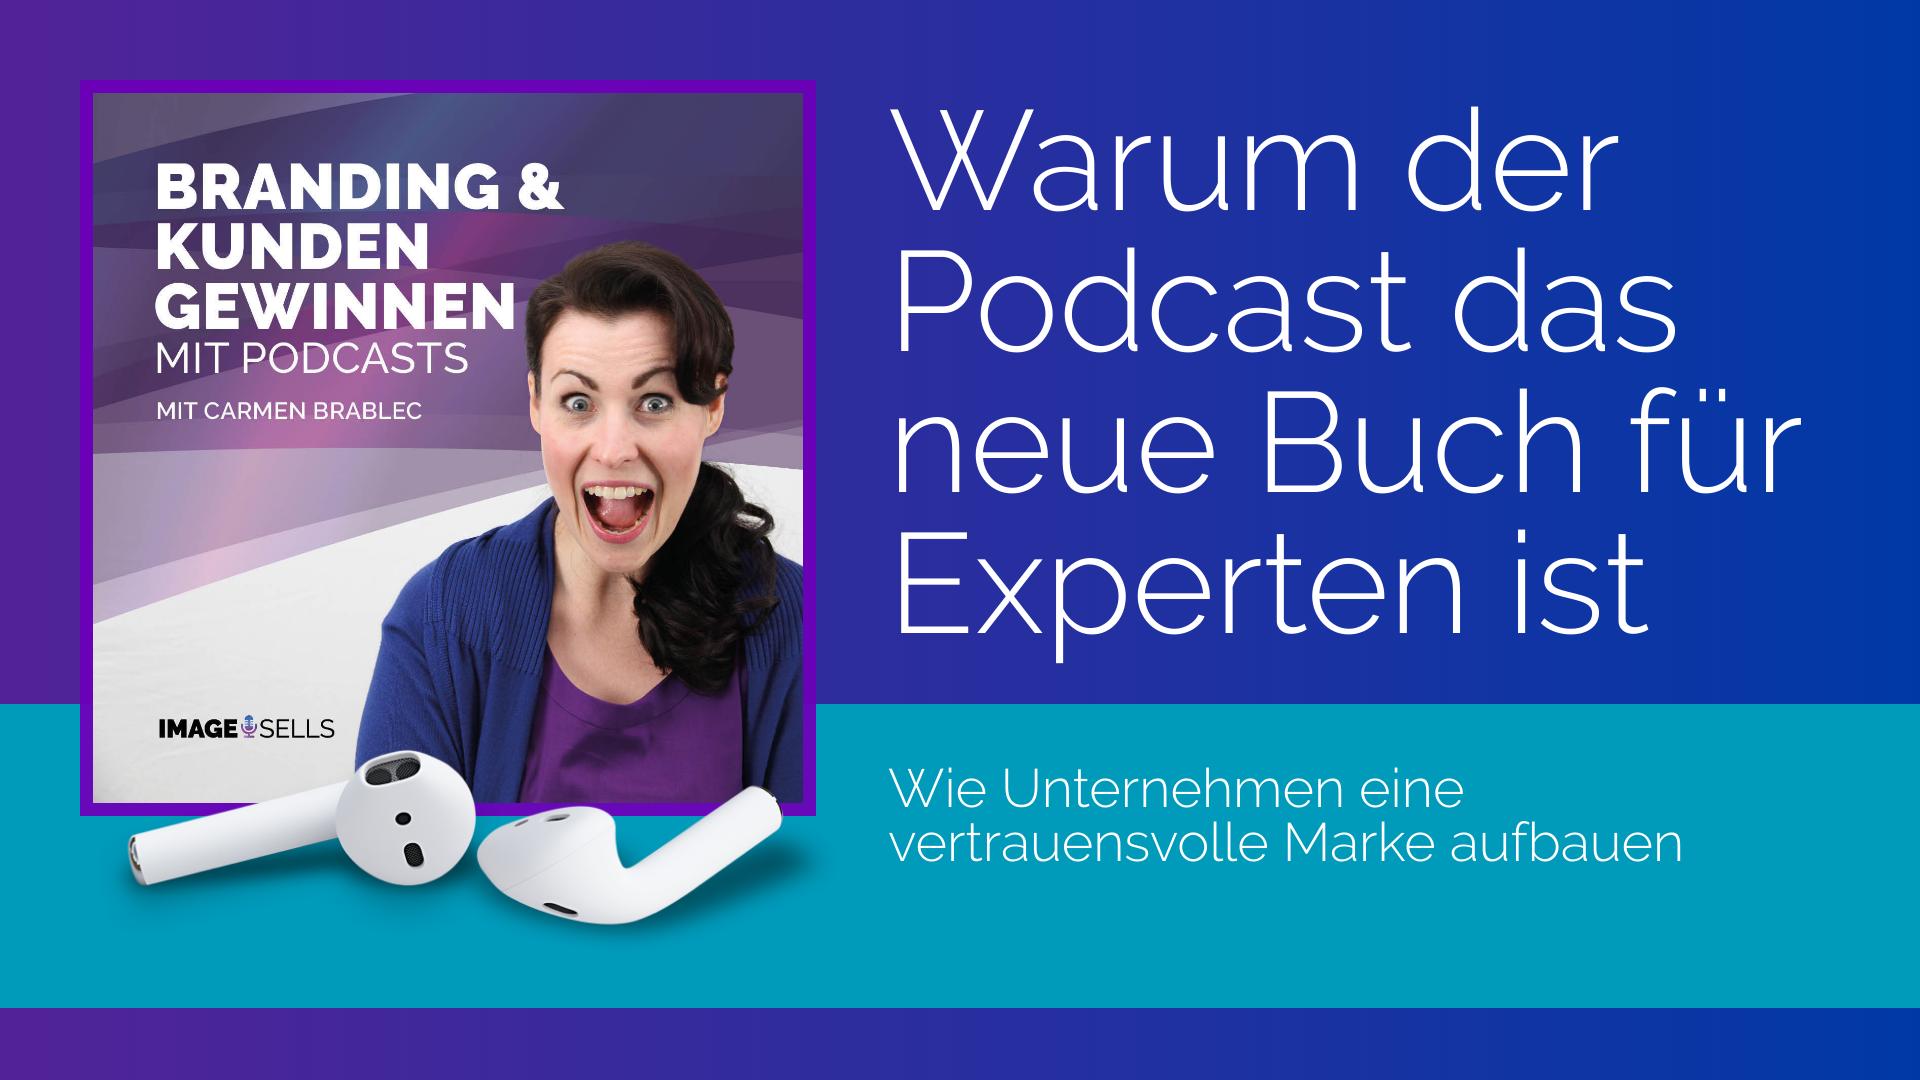 Warum der Podcast das neue Buch für Experten ist